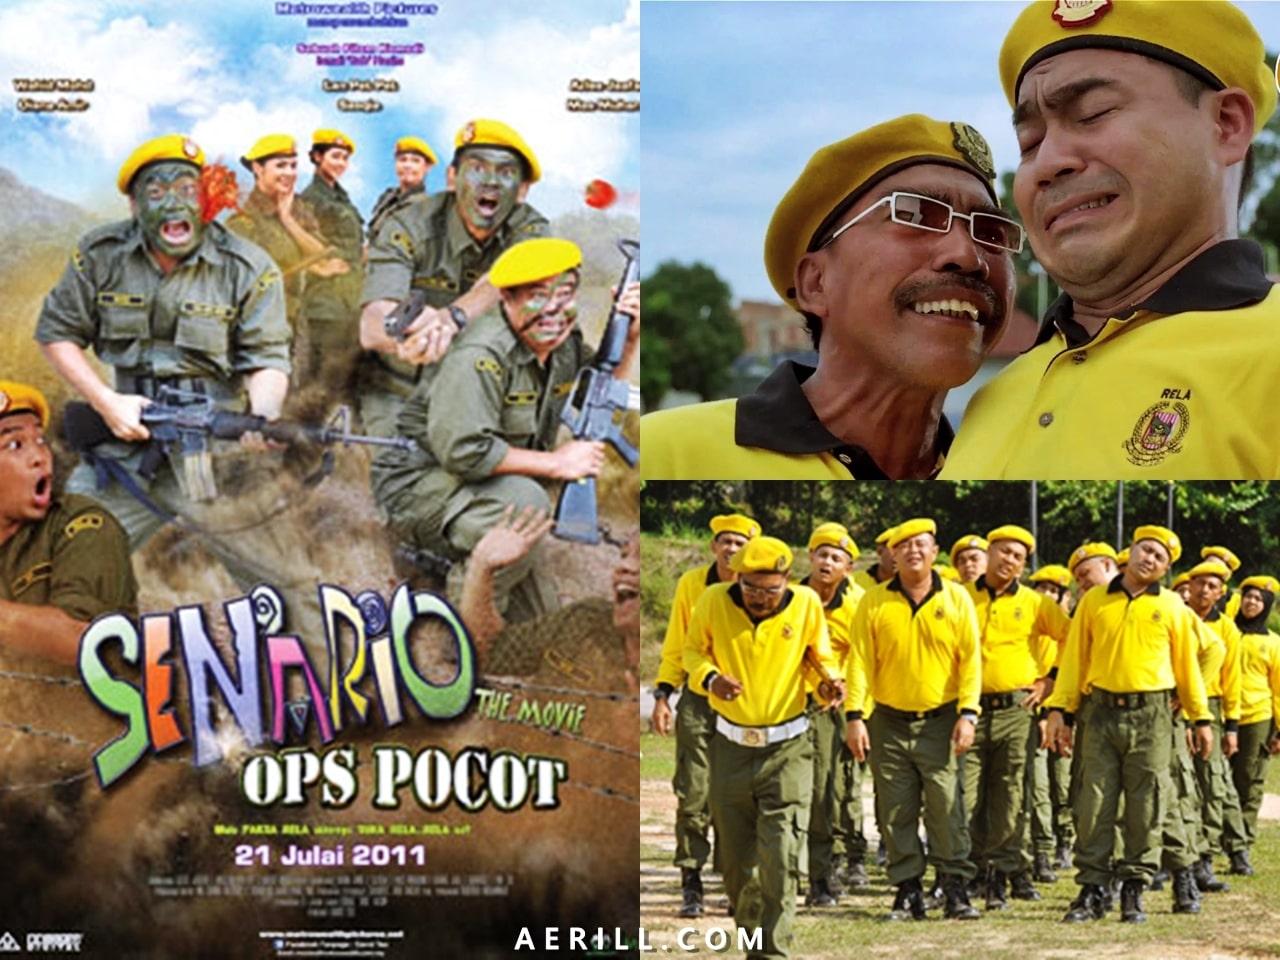 Senario The Movie Ops Pocot (2011)